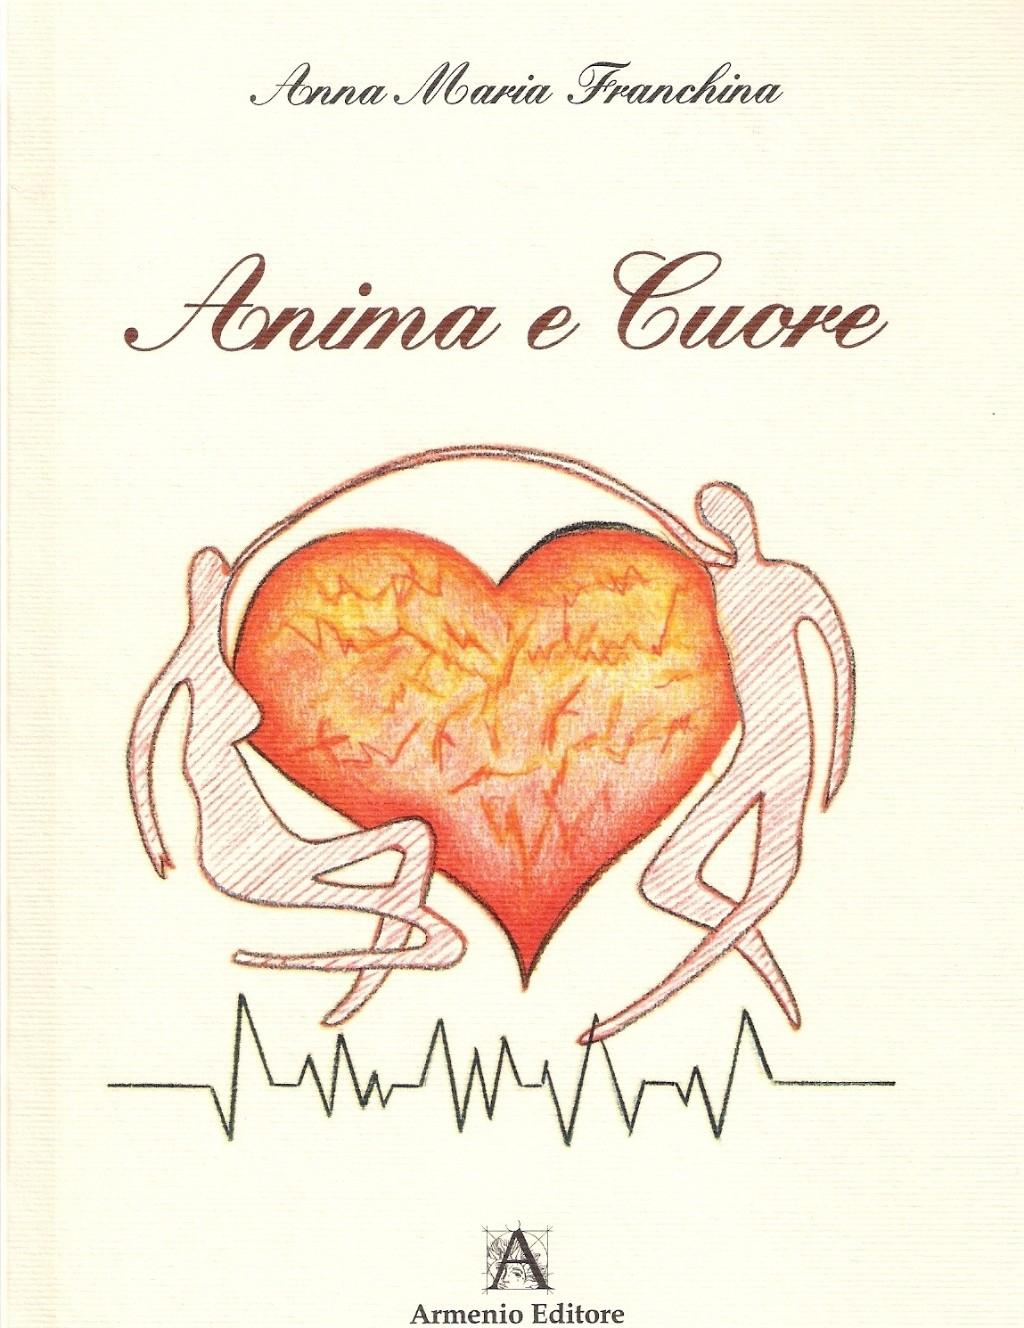 BROLO (ME) - Presentazione del libro �Anima e cuore� di Anna Maria Franchina